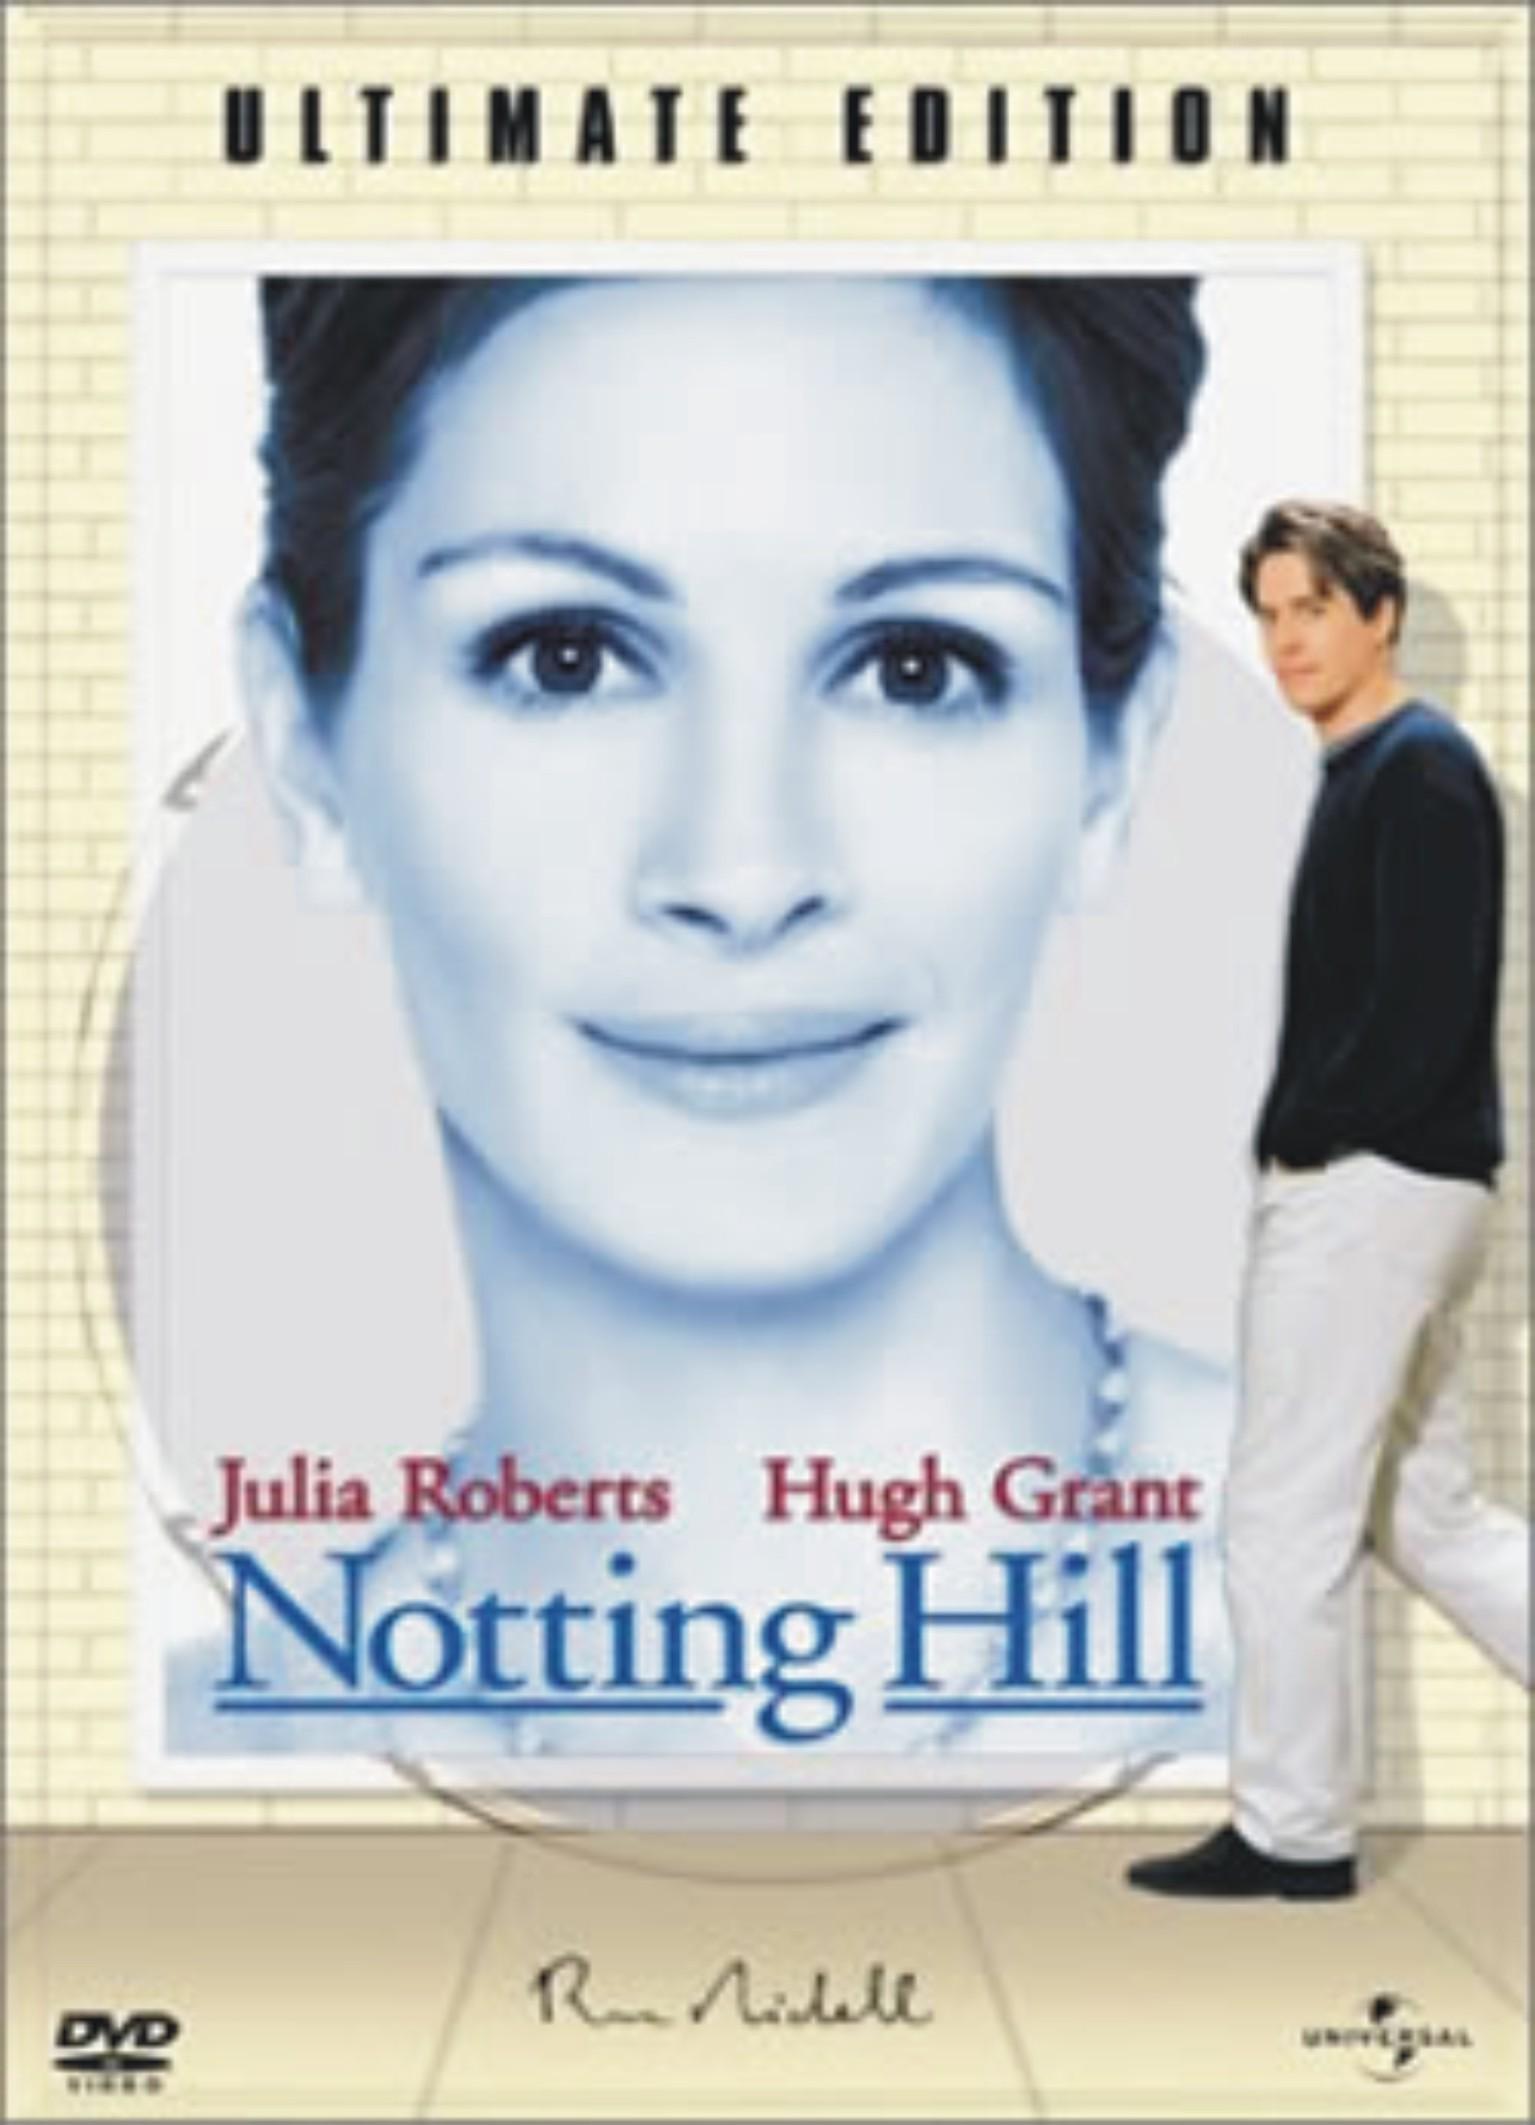 ناتينگ هيل (هيو گرانت و جوليا رابرتز)